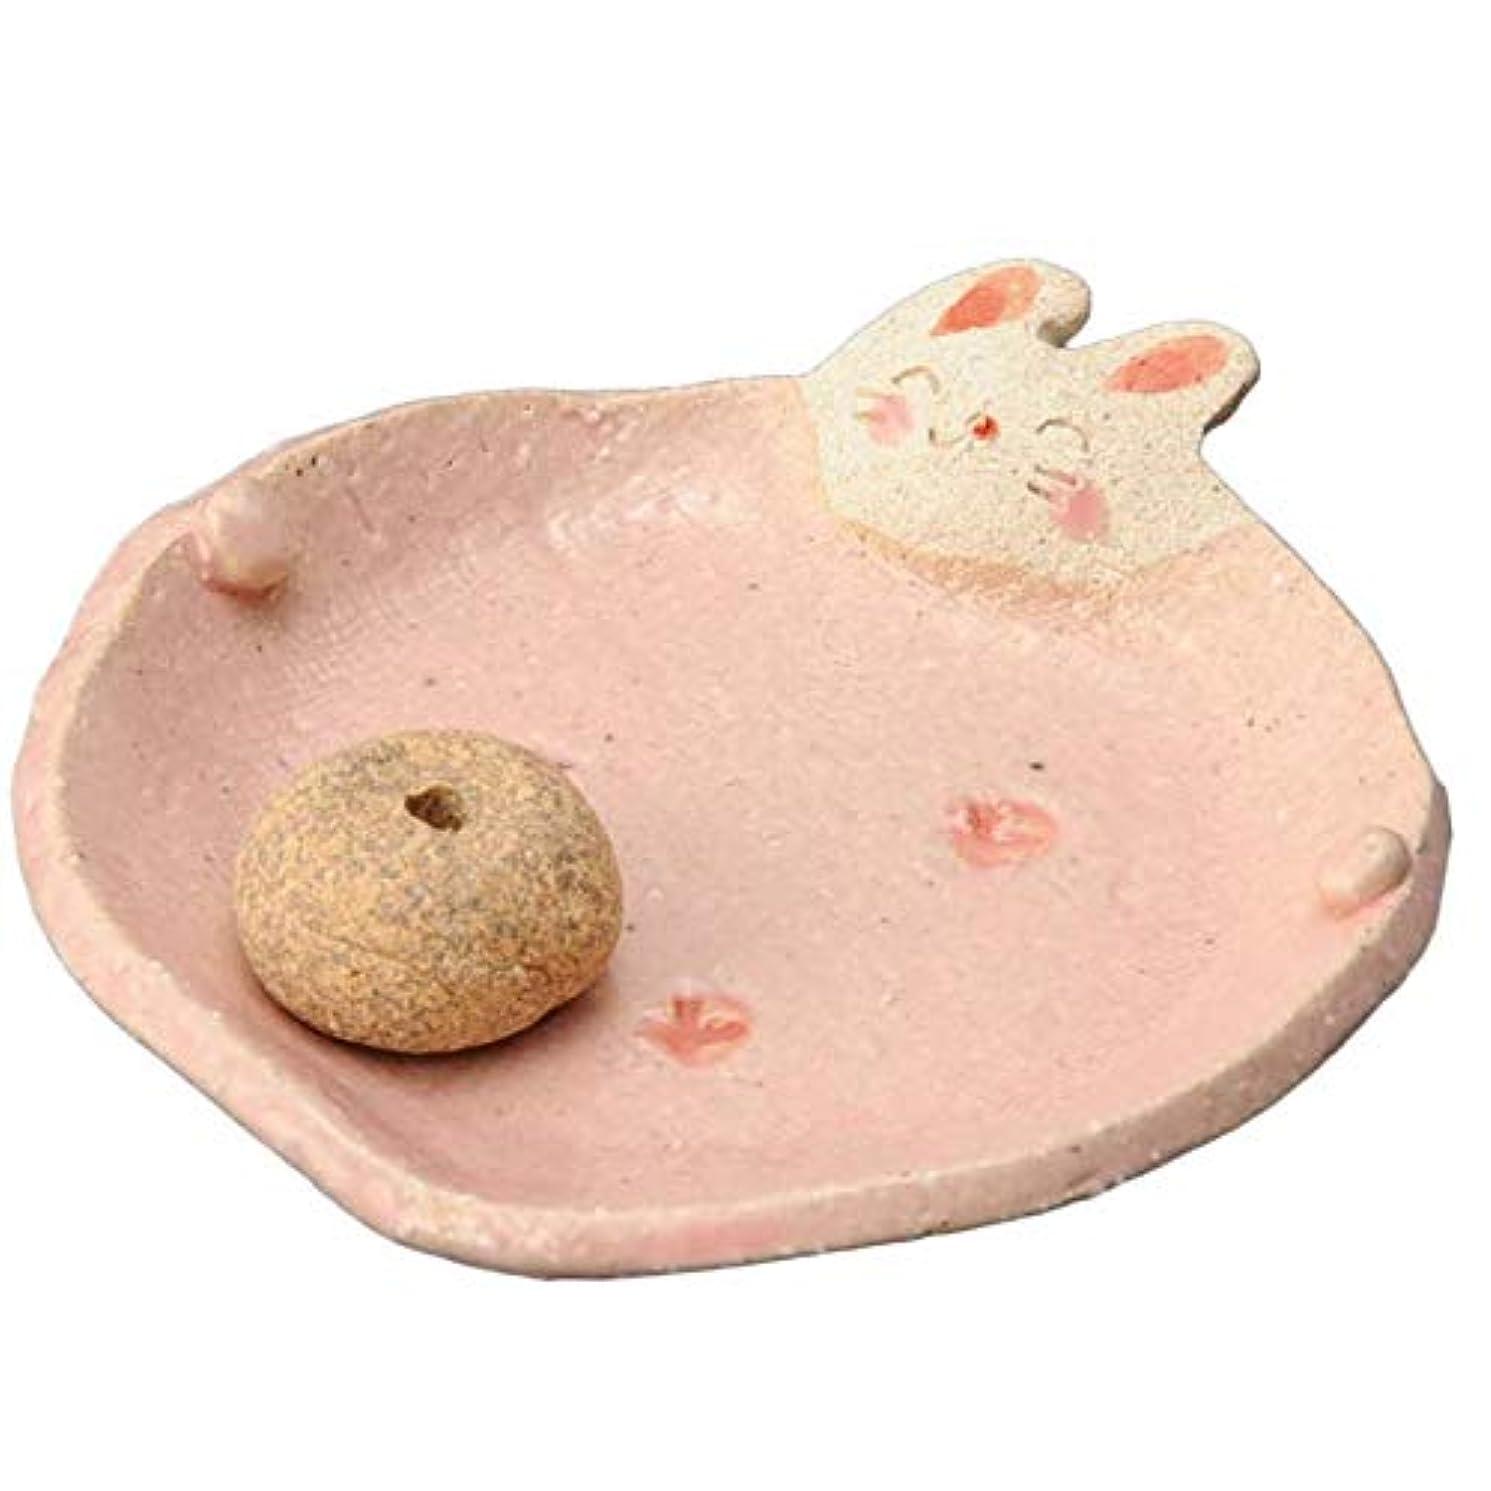 手造り 香皿 香立て/ふっくら 香皿(ウサギ) /香り アロマ 癒やし リラックス インテリア プレゼント 贈り物